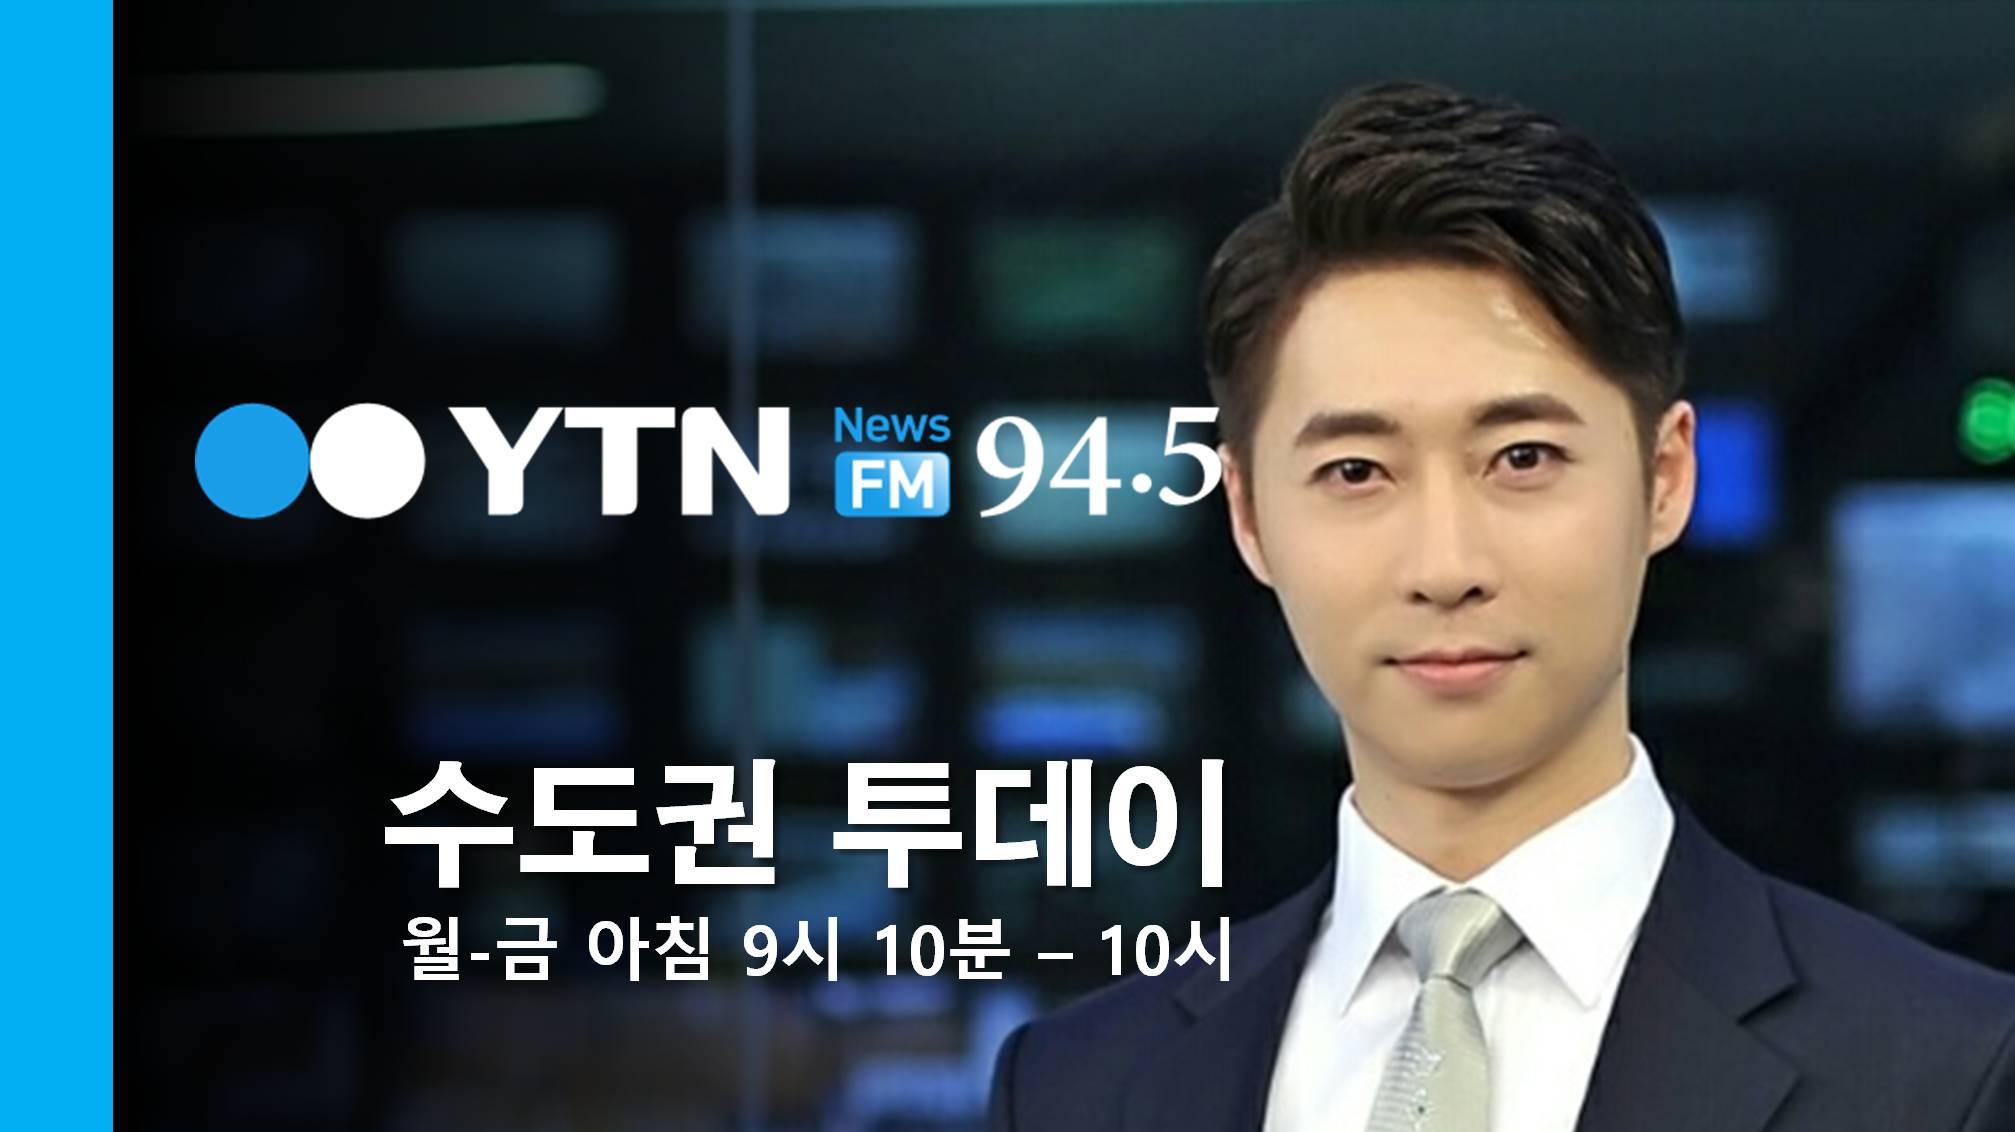 """[수도권] """"송파구의 일자리와 안전, 2019 비전은?"""""""